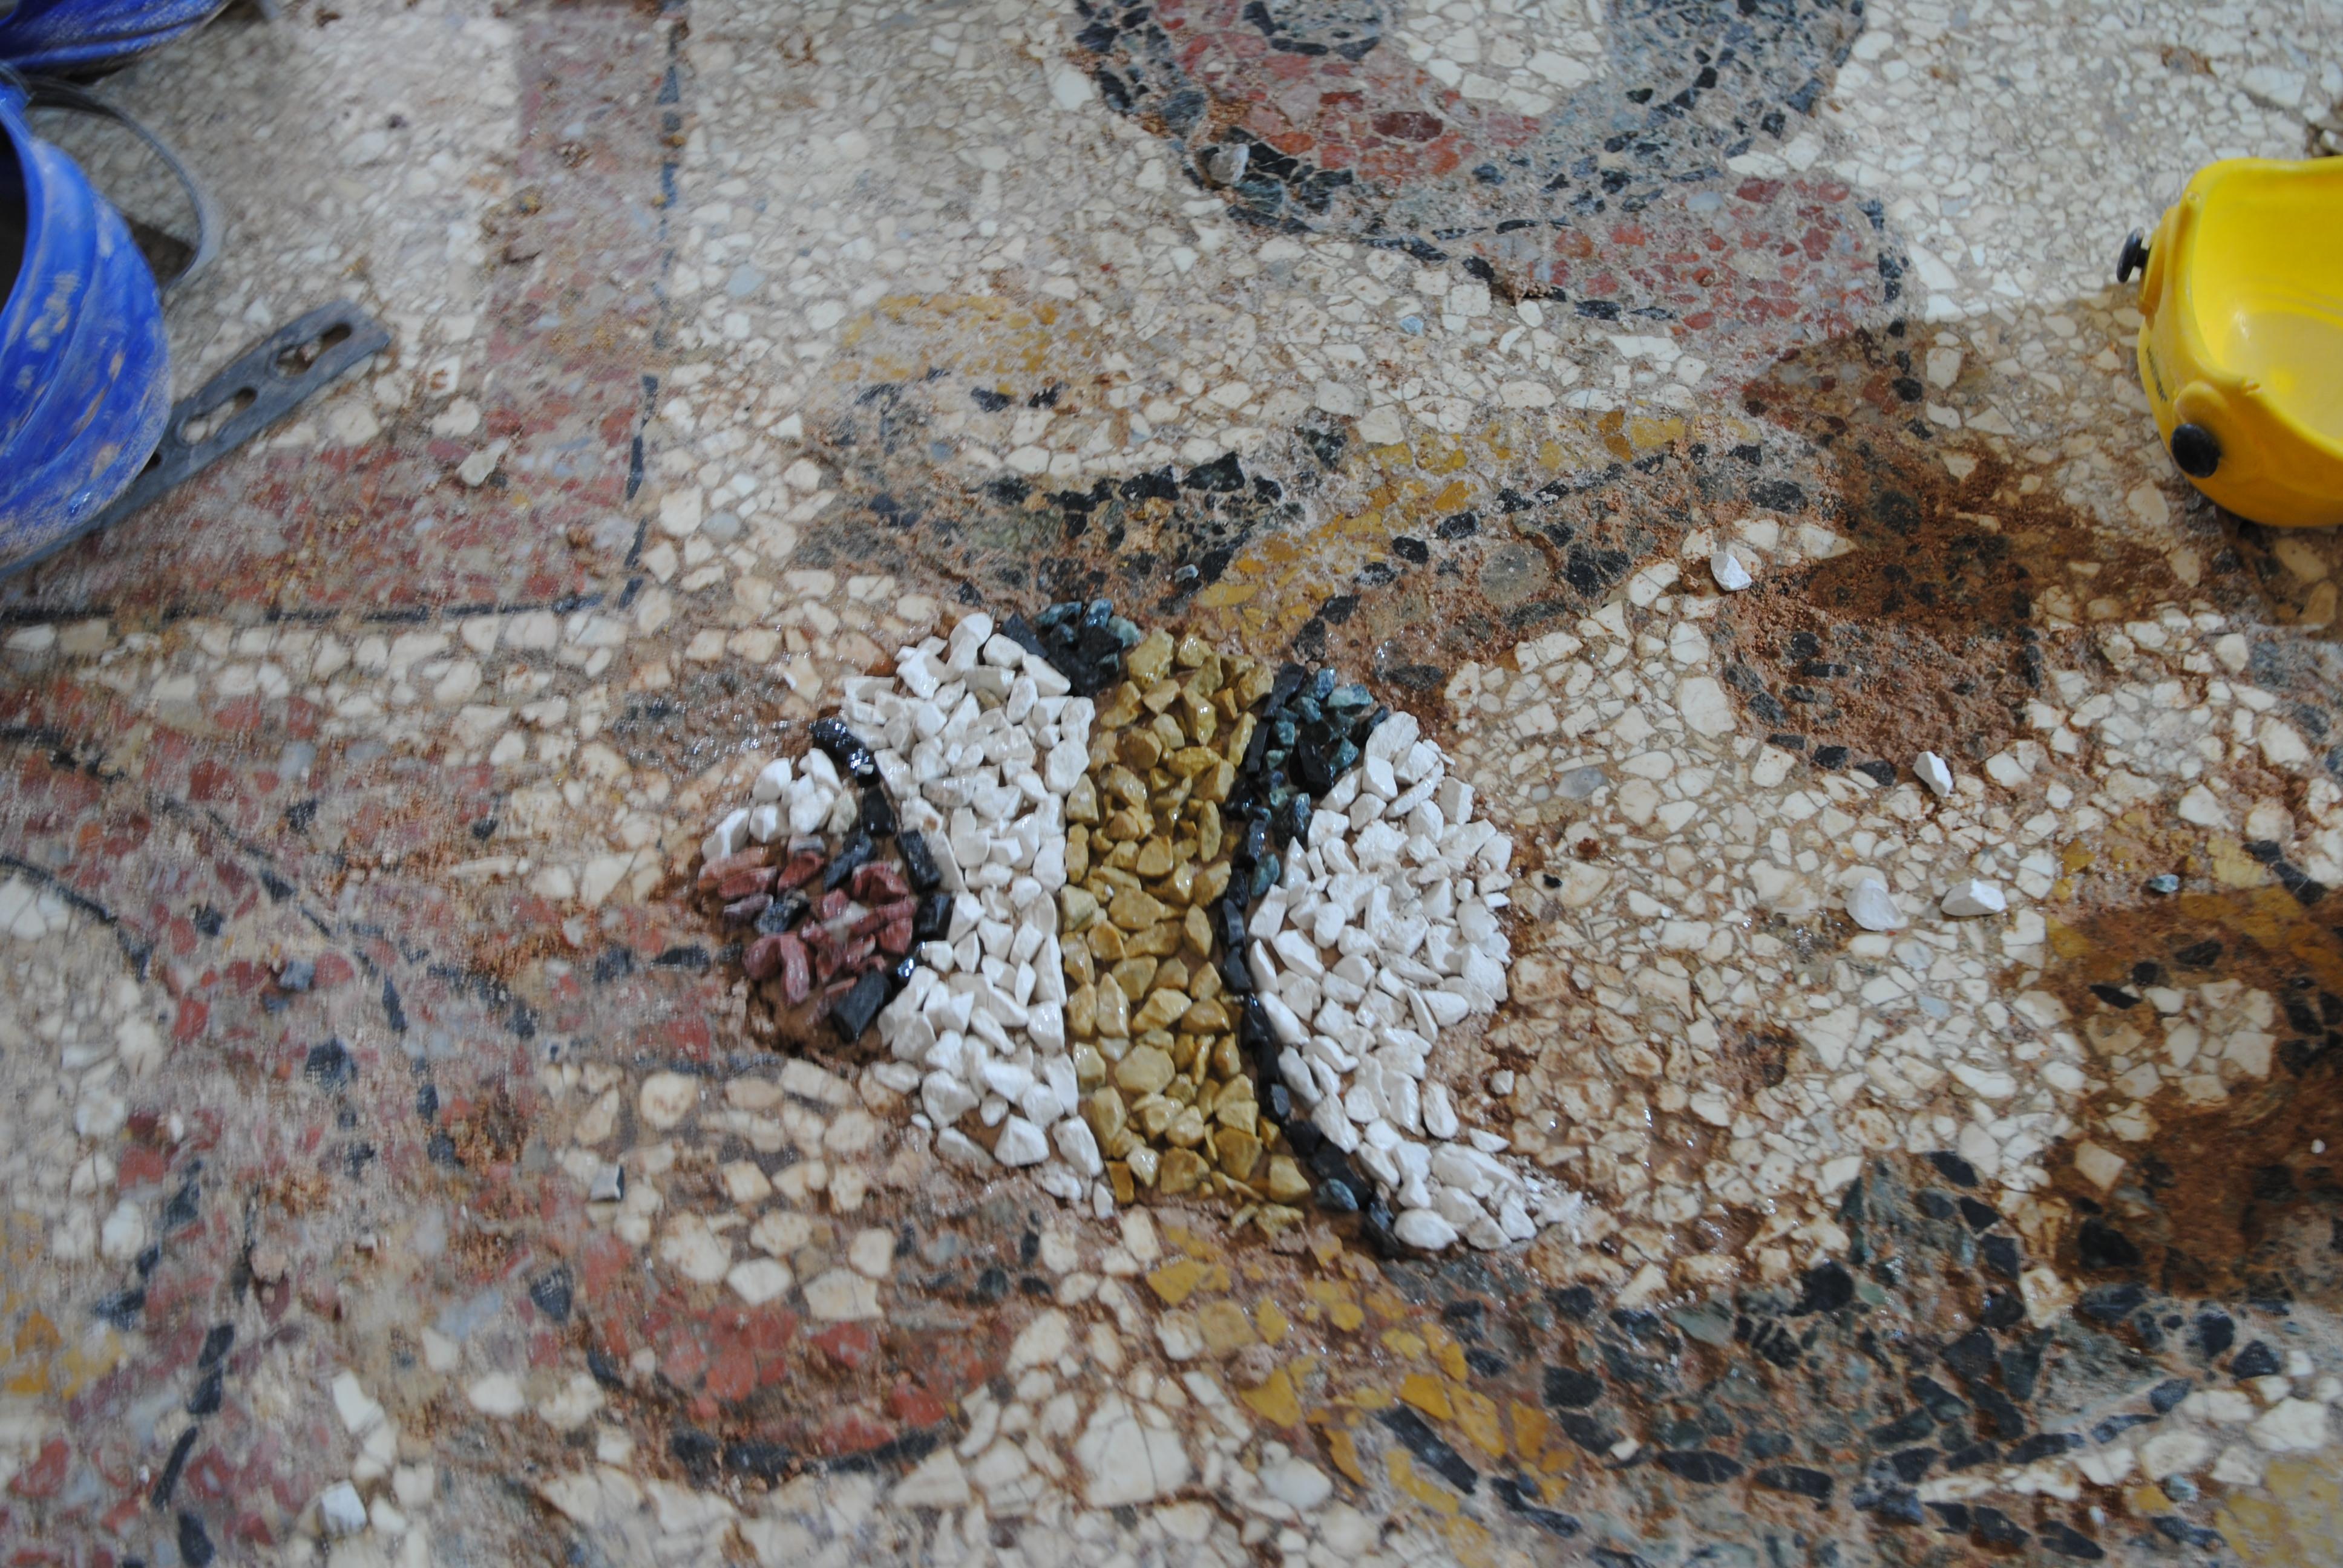 vianello-stone-material-restorers-venezia-thumbnail